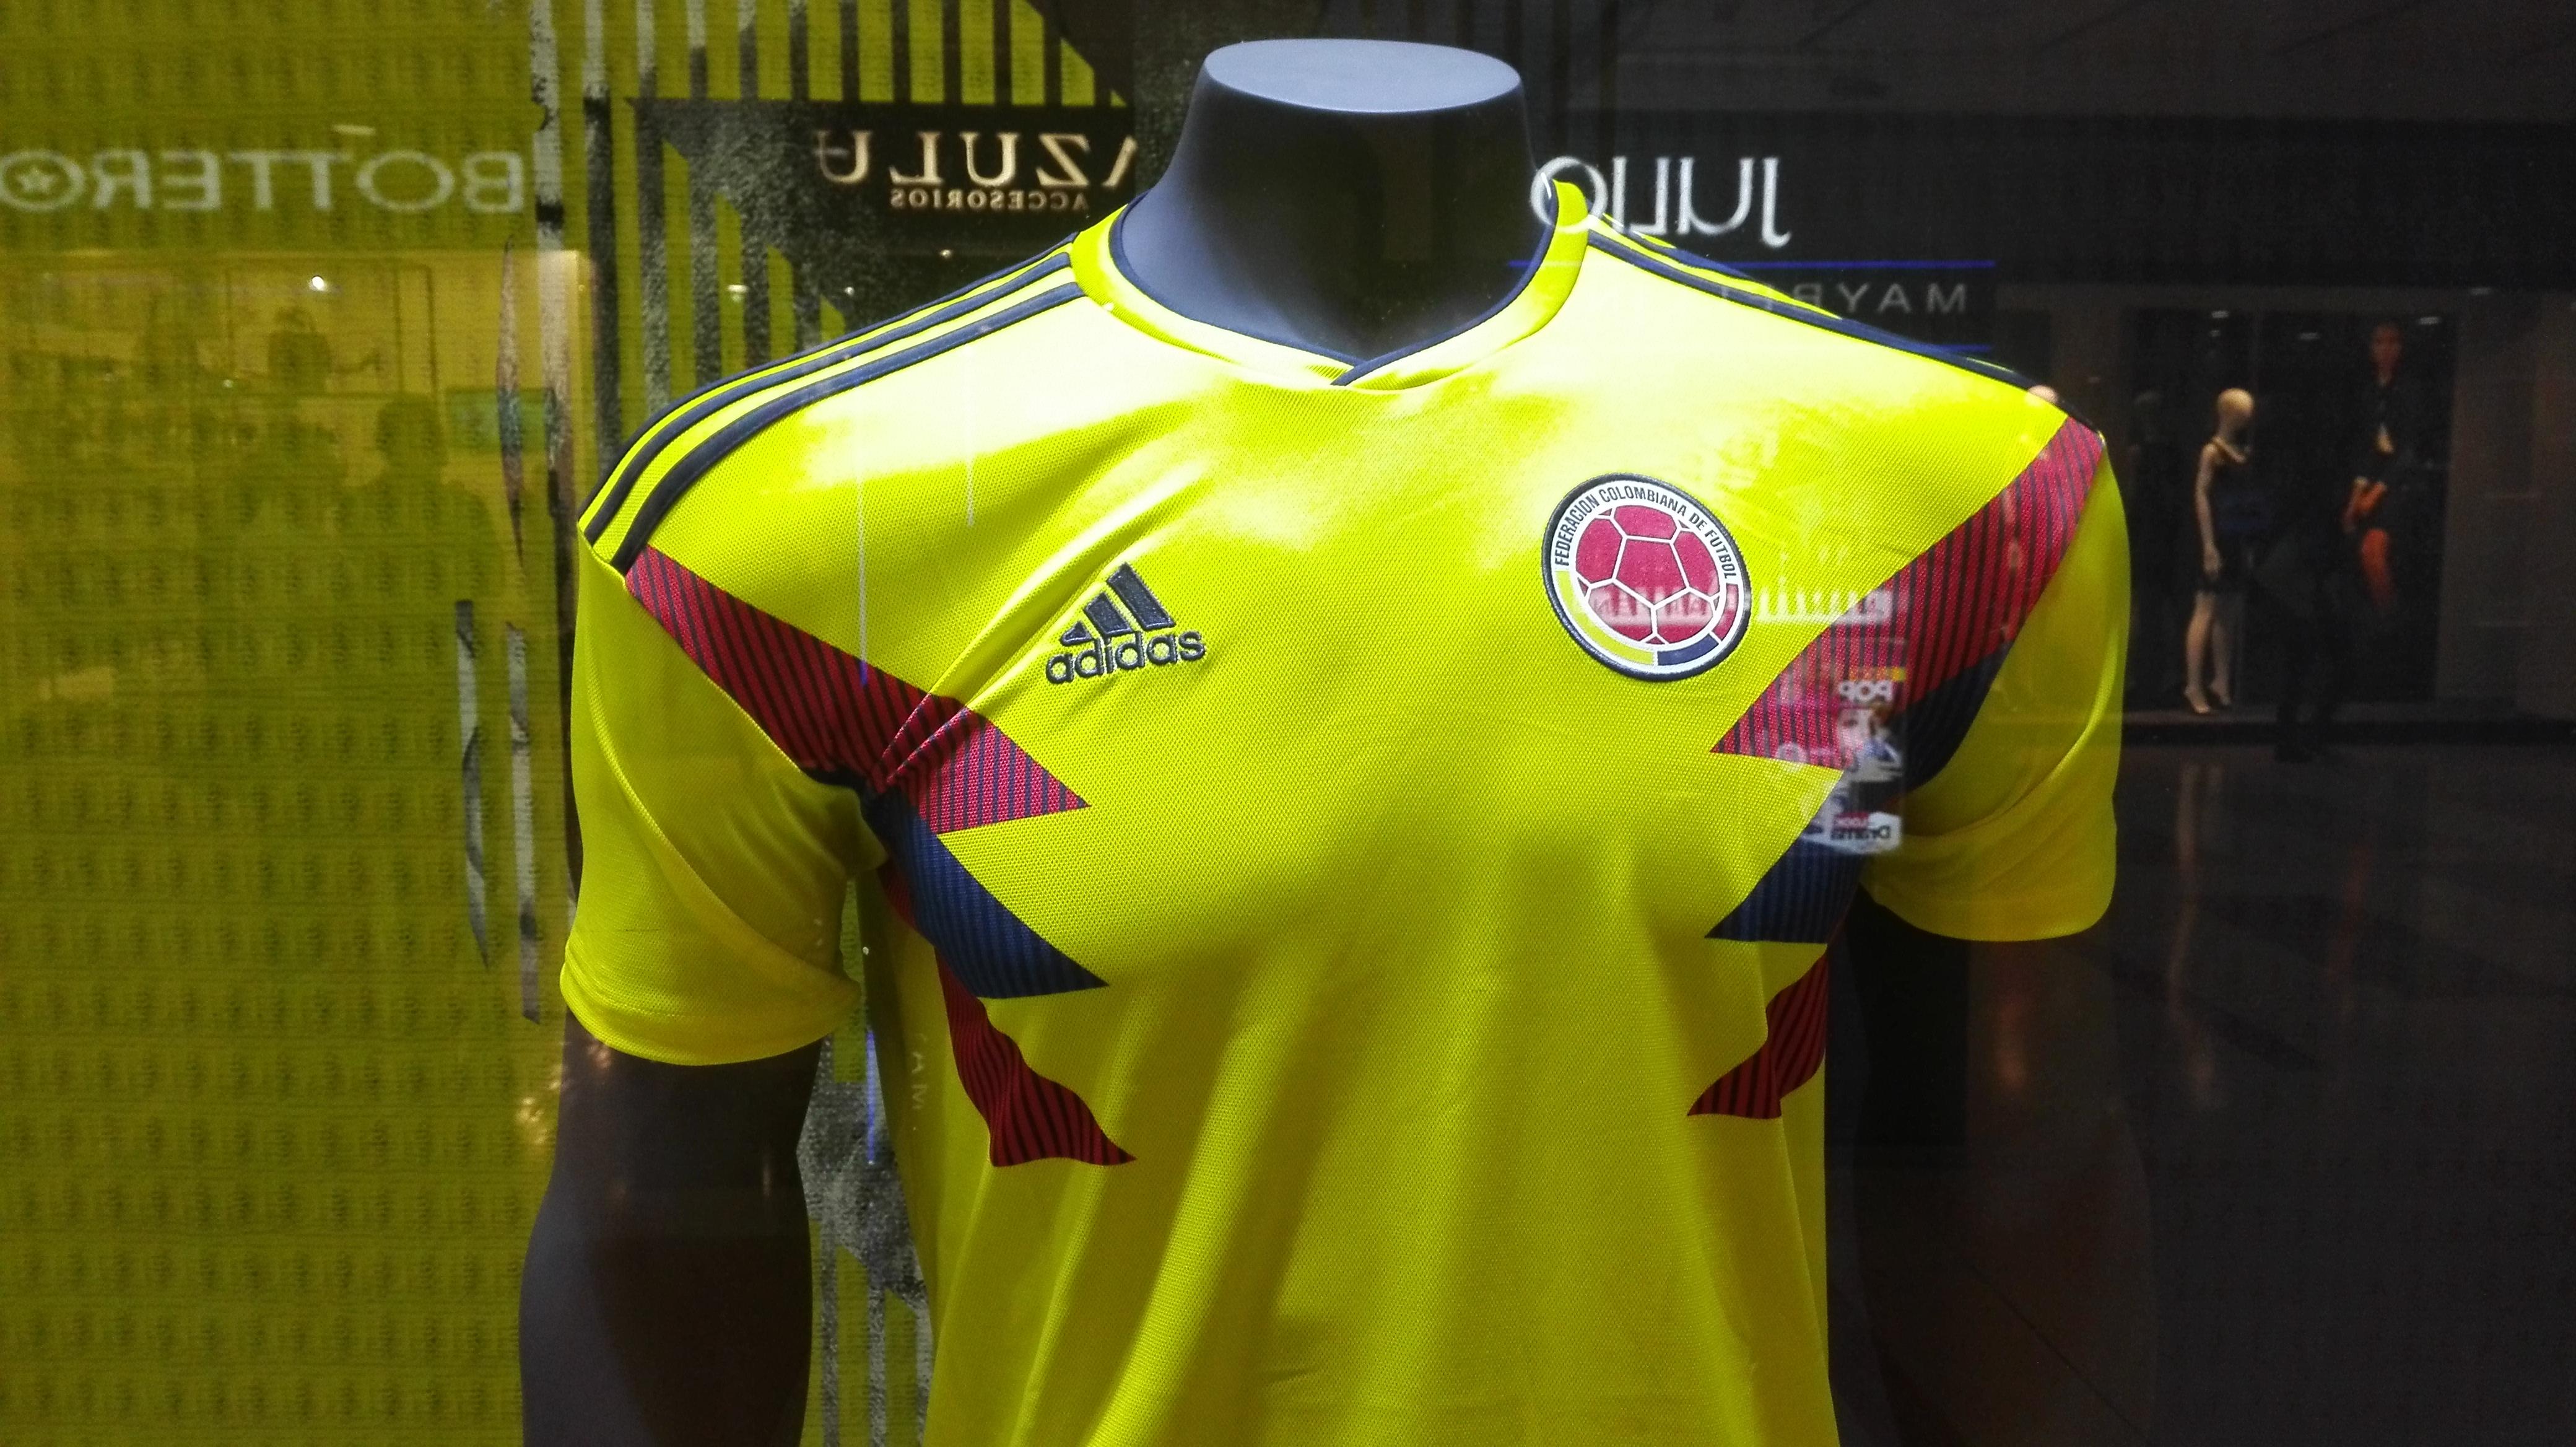 Uniforme de la selección de fútbol de Colombia - Wikipedia 9fdbab2523d10